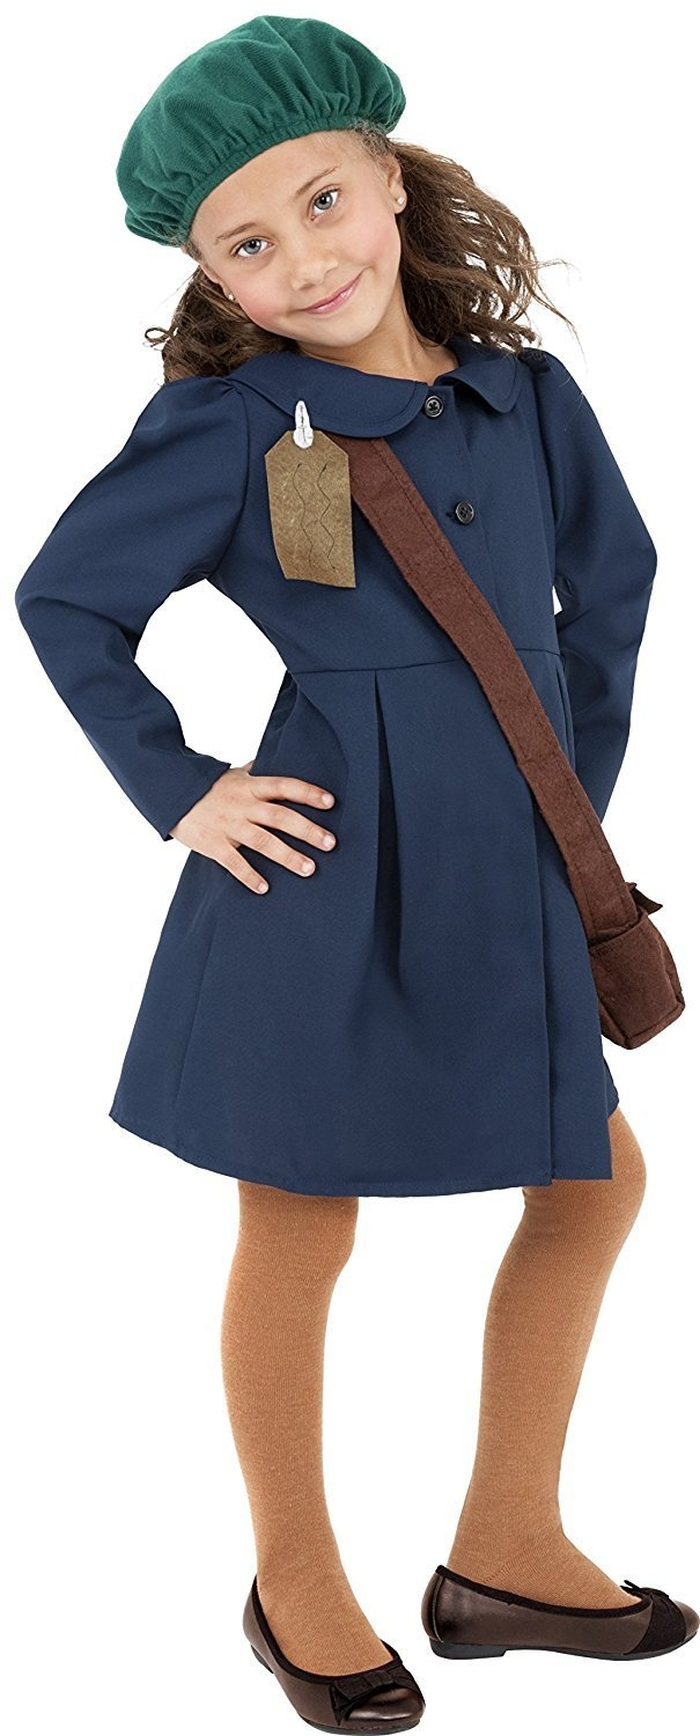 костюм в стилі єврейської дівчинки Анни Франк